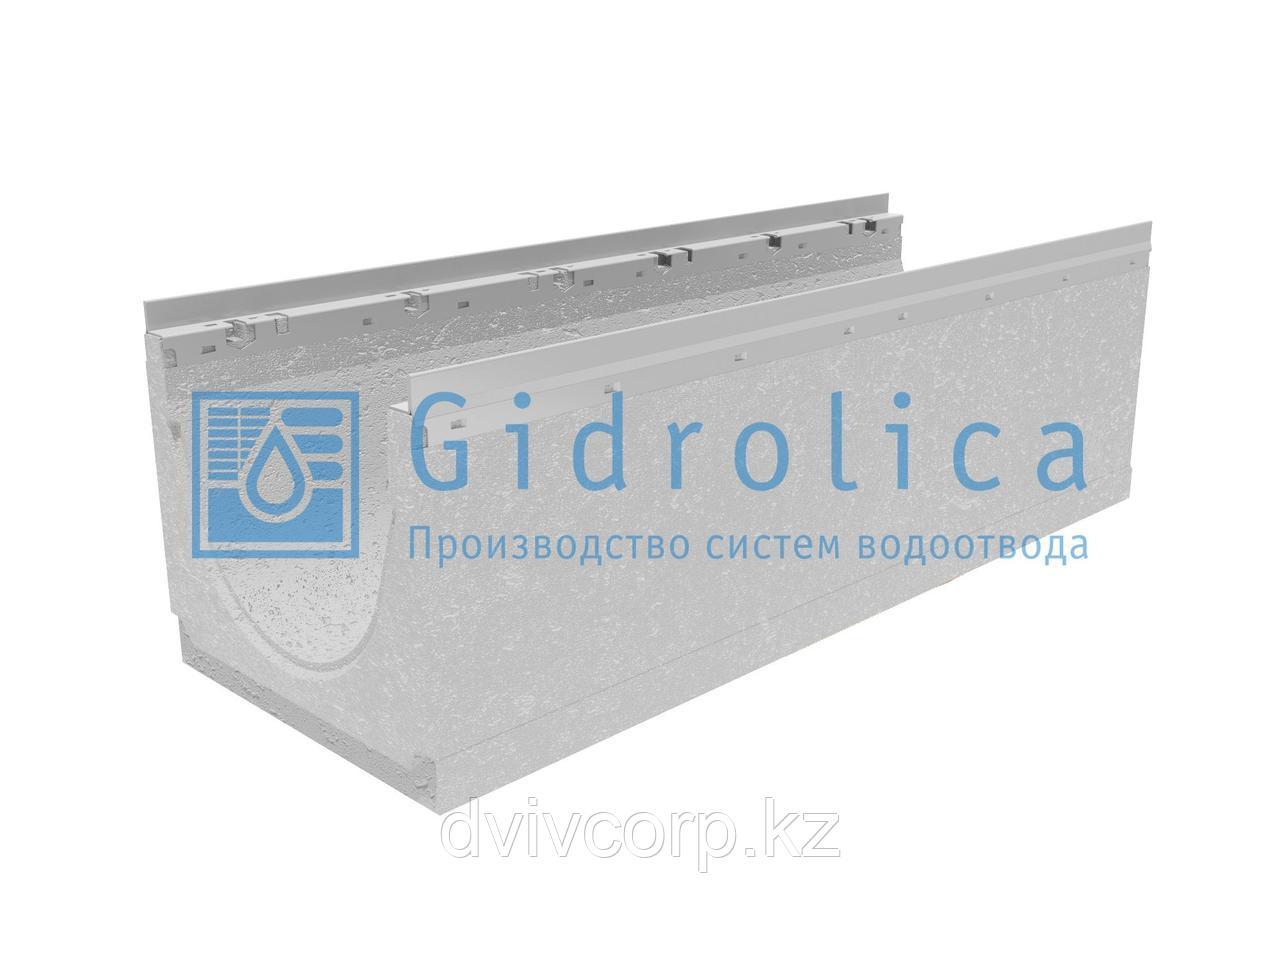 Лоток водоотводный бетонный коробчатый (СО-300мм), с оцинкованной насадкой КU 100.36,3(30).32(25,5) - BGU-Z, №